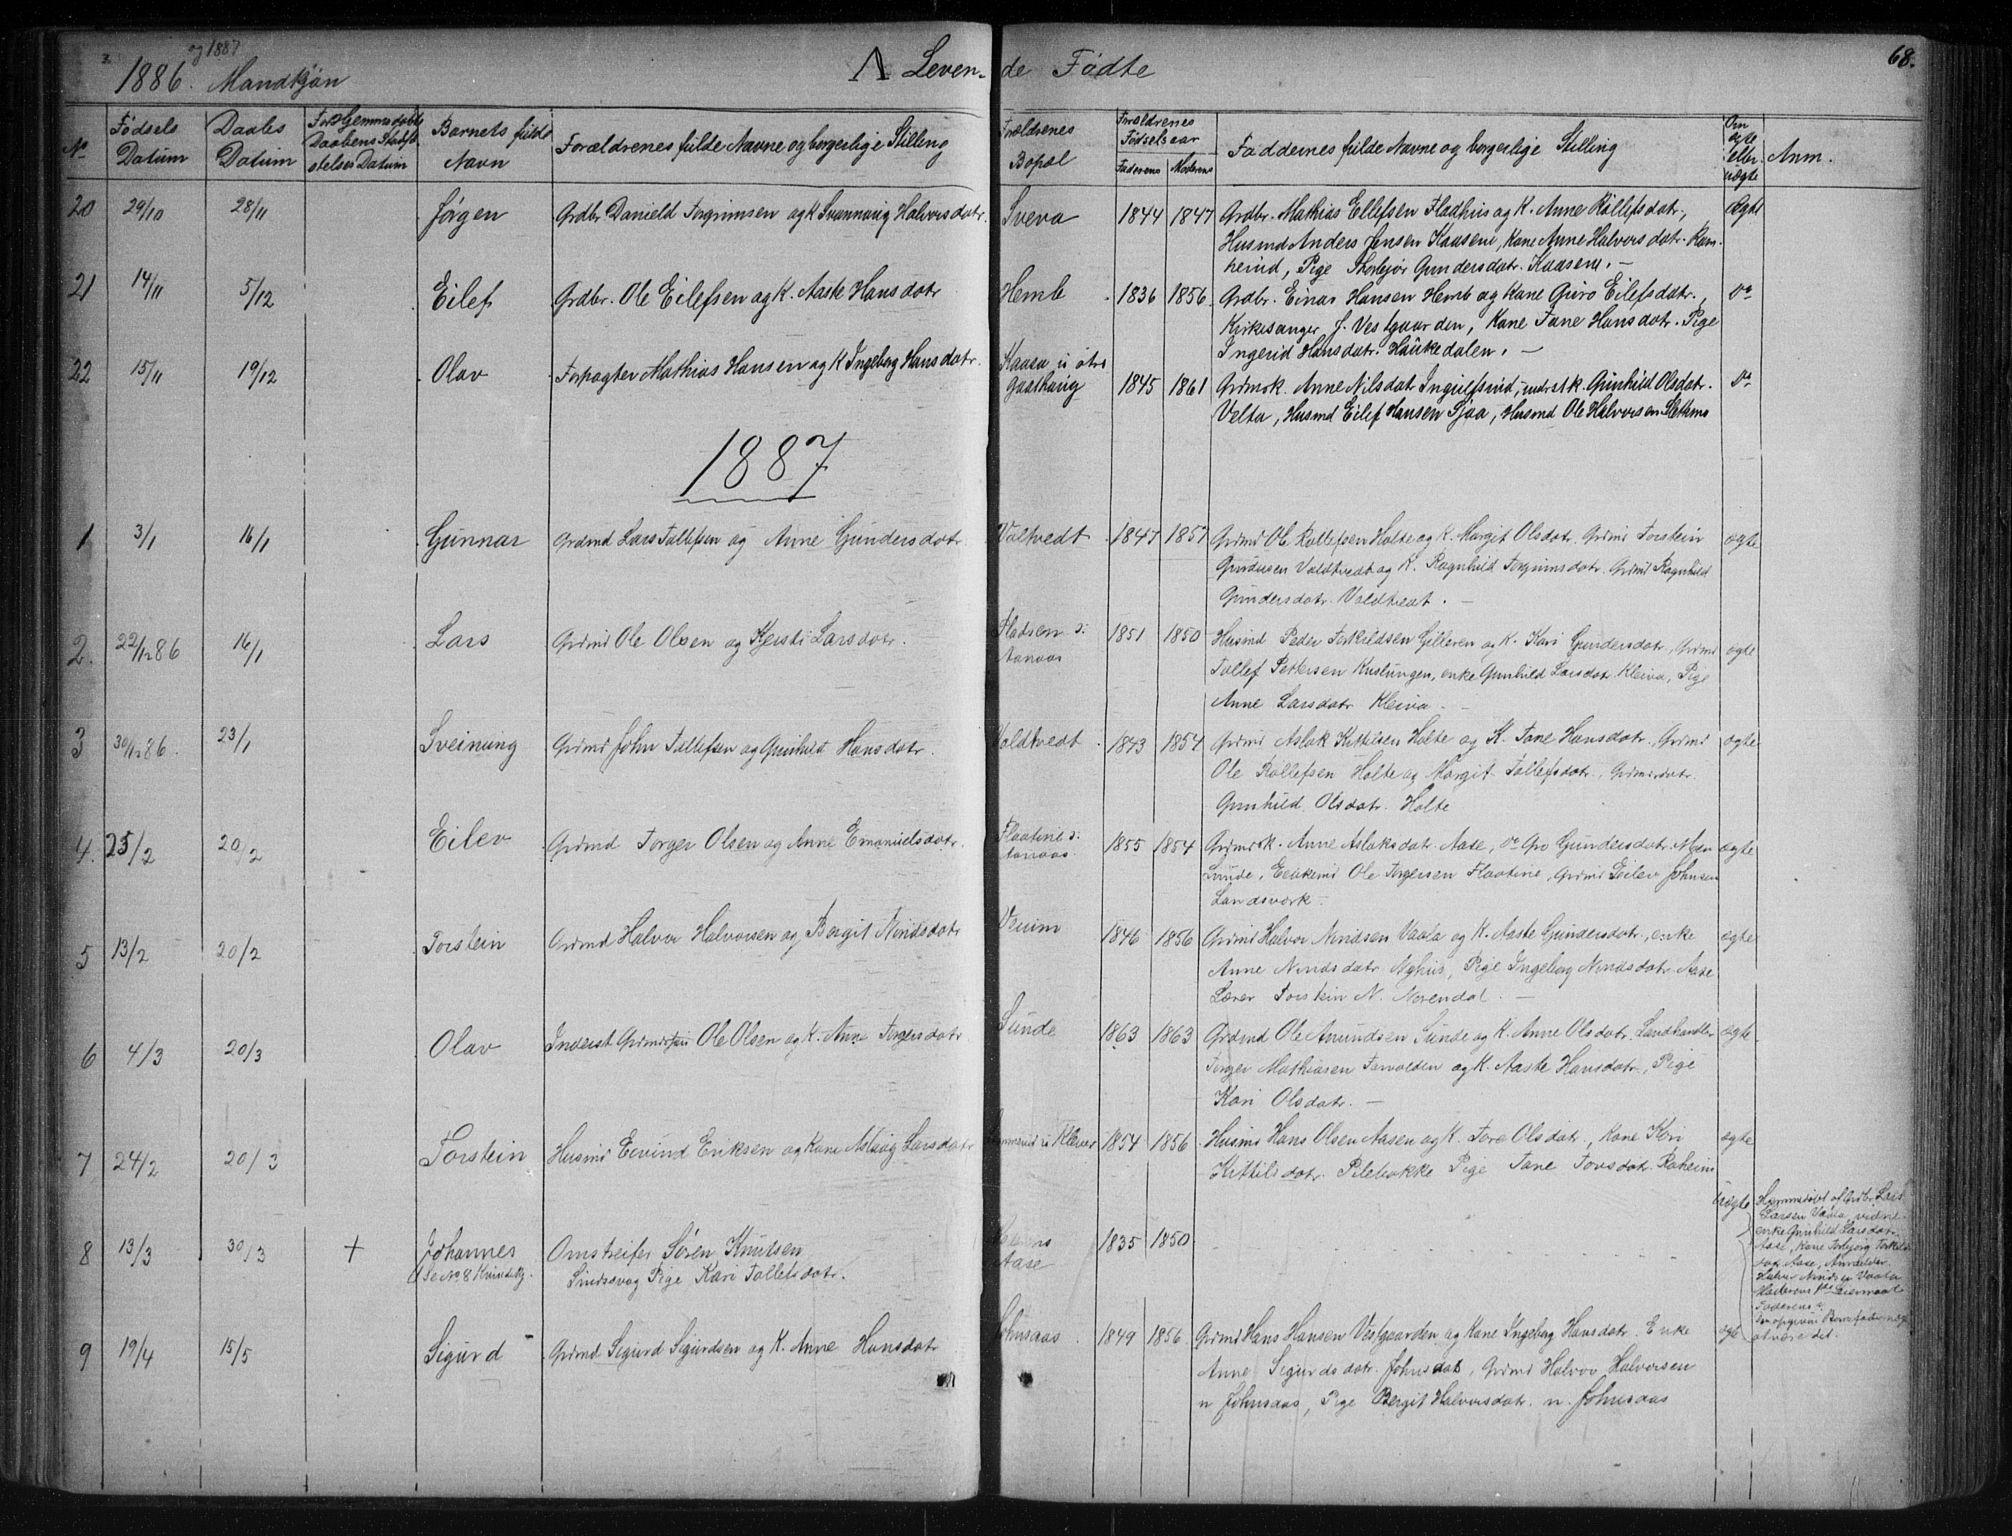 SAKO, Sauherad kirkebøker, G/Ga/L0003: Klokkerbok nr. I 3, 1866-1905, s. 68